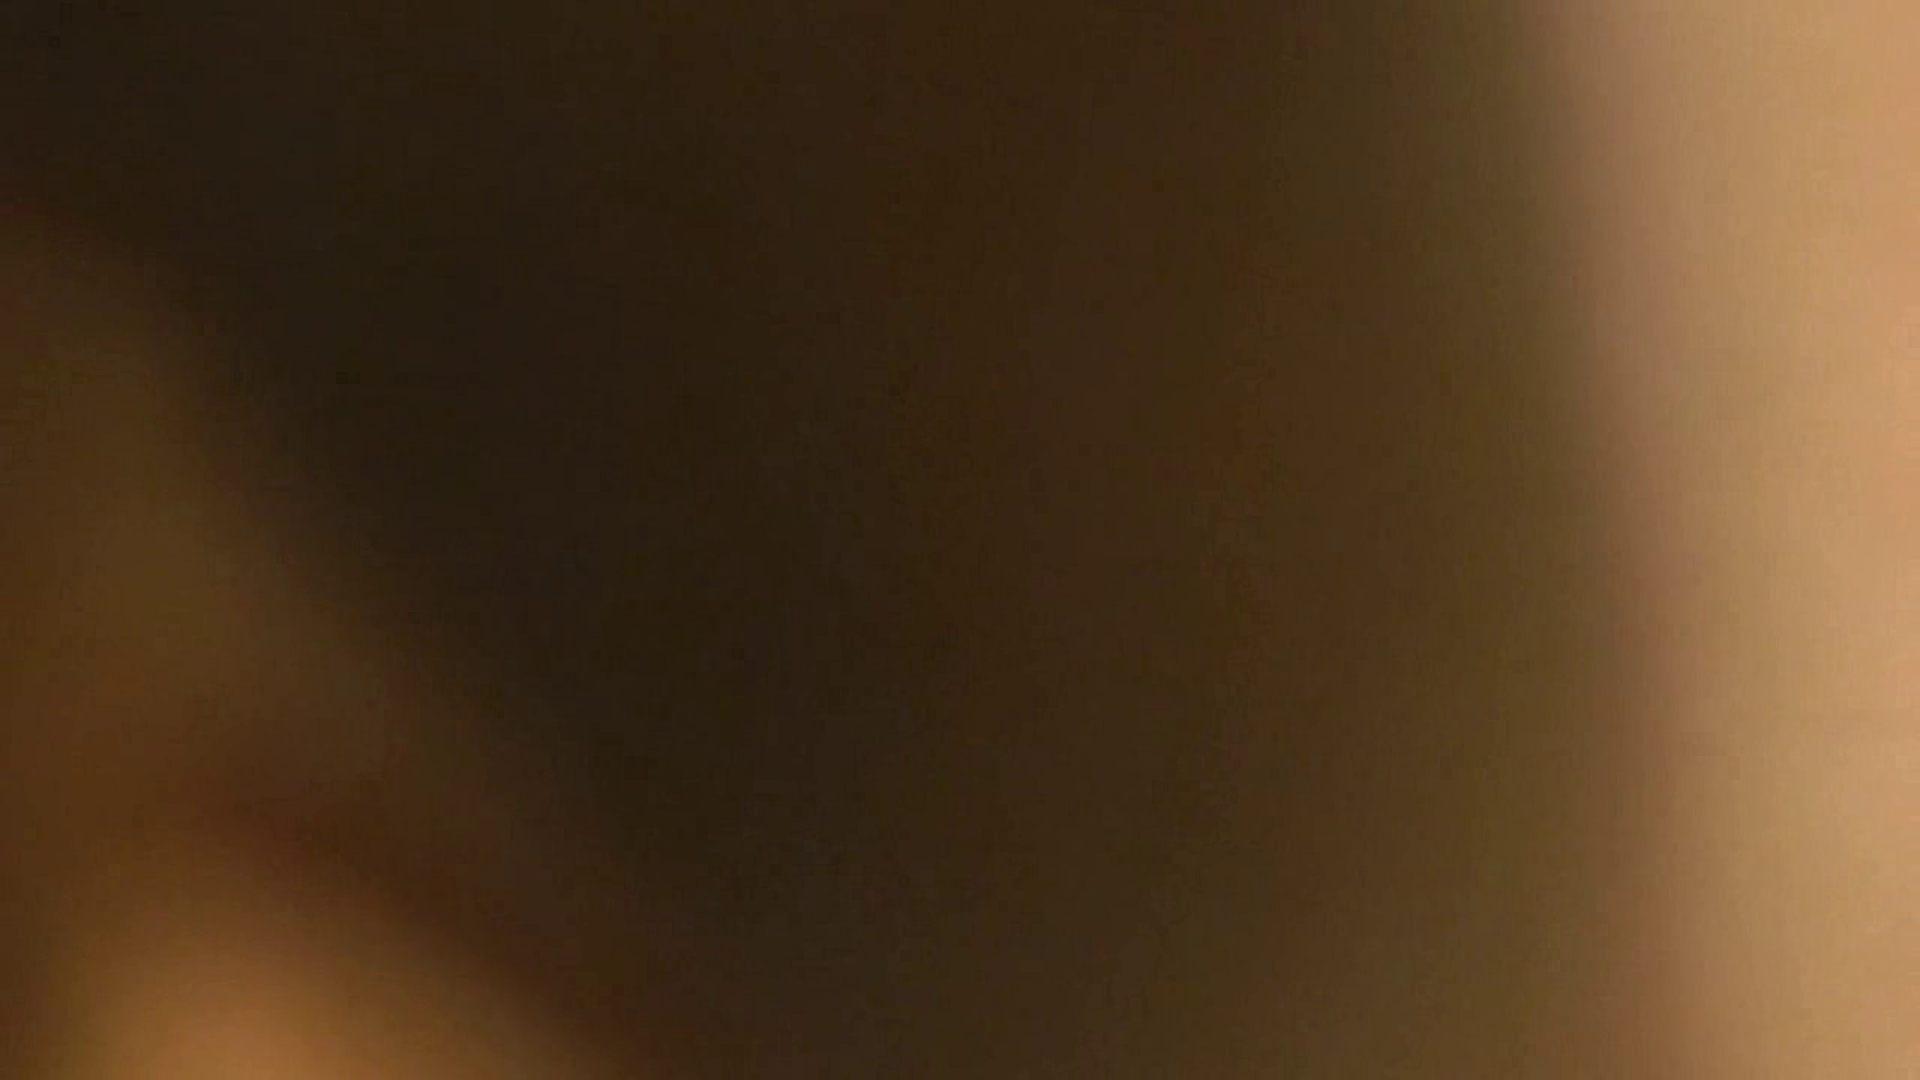 vol.1 Mayumi 窓越しに入浴シーン撮影に成功 OL   入浴シーン  89連発 42